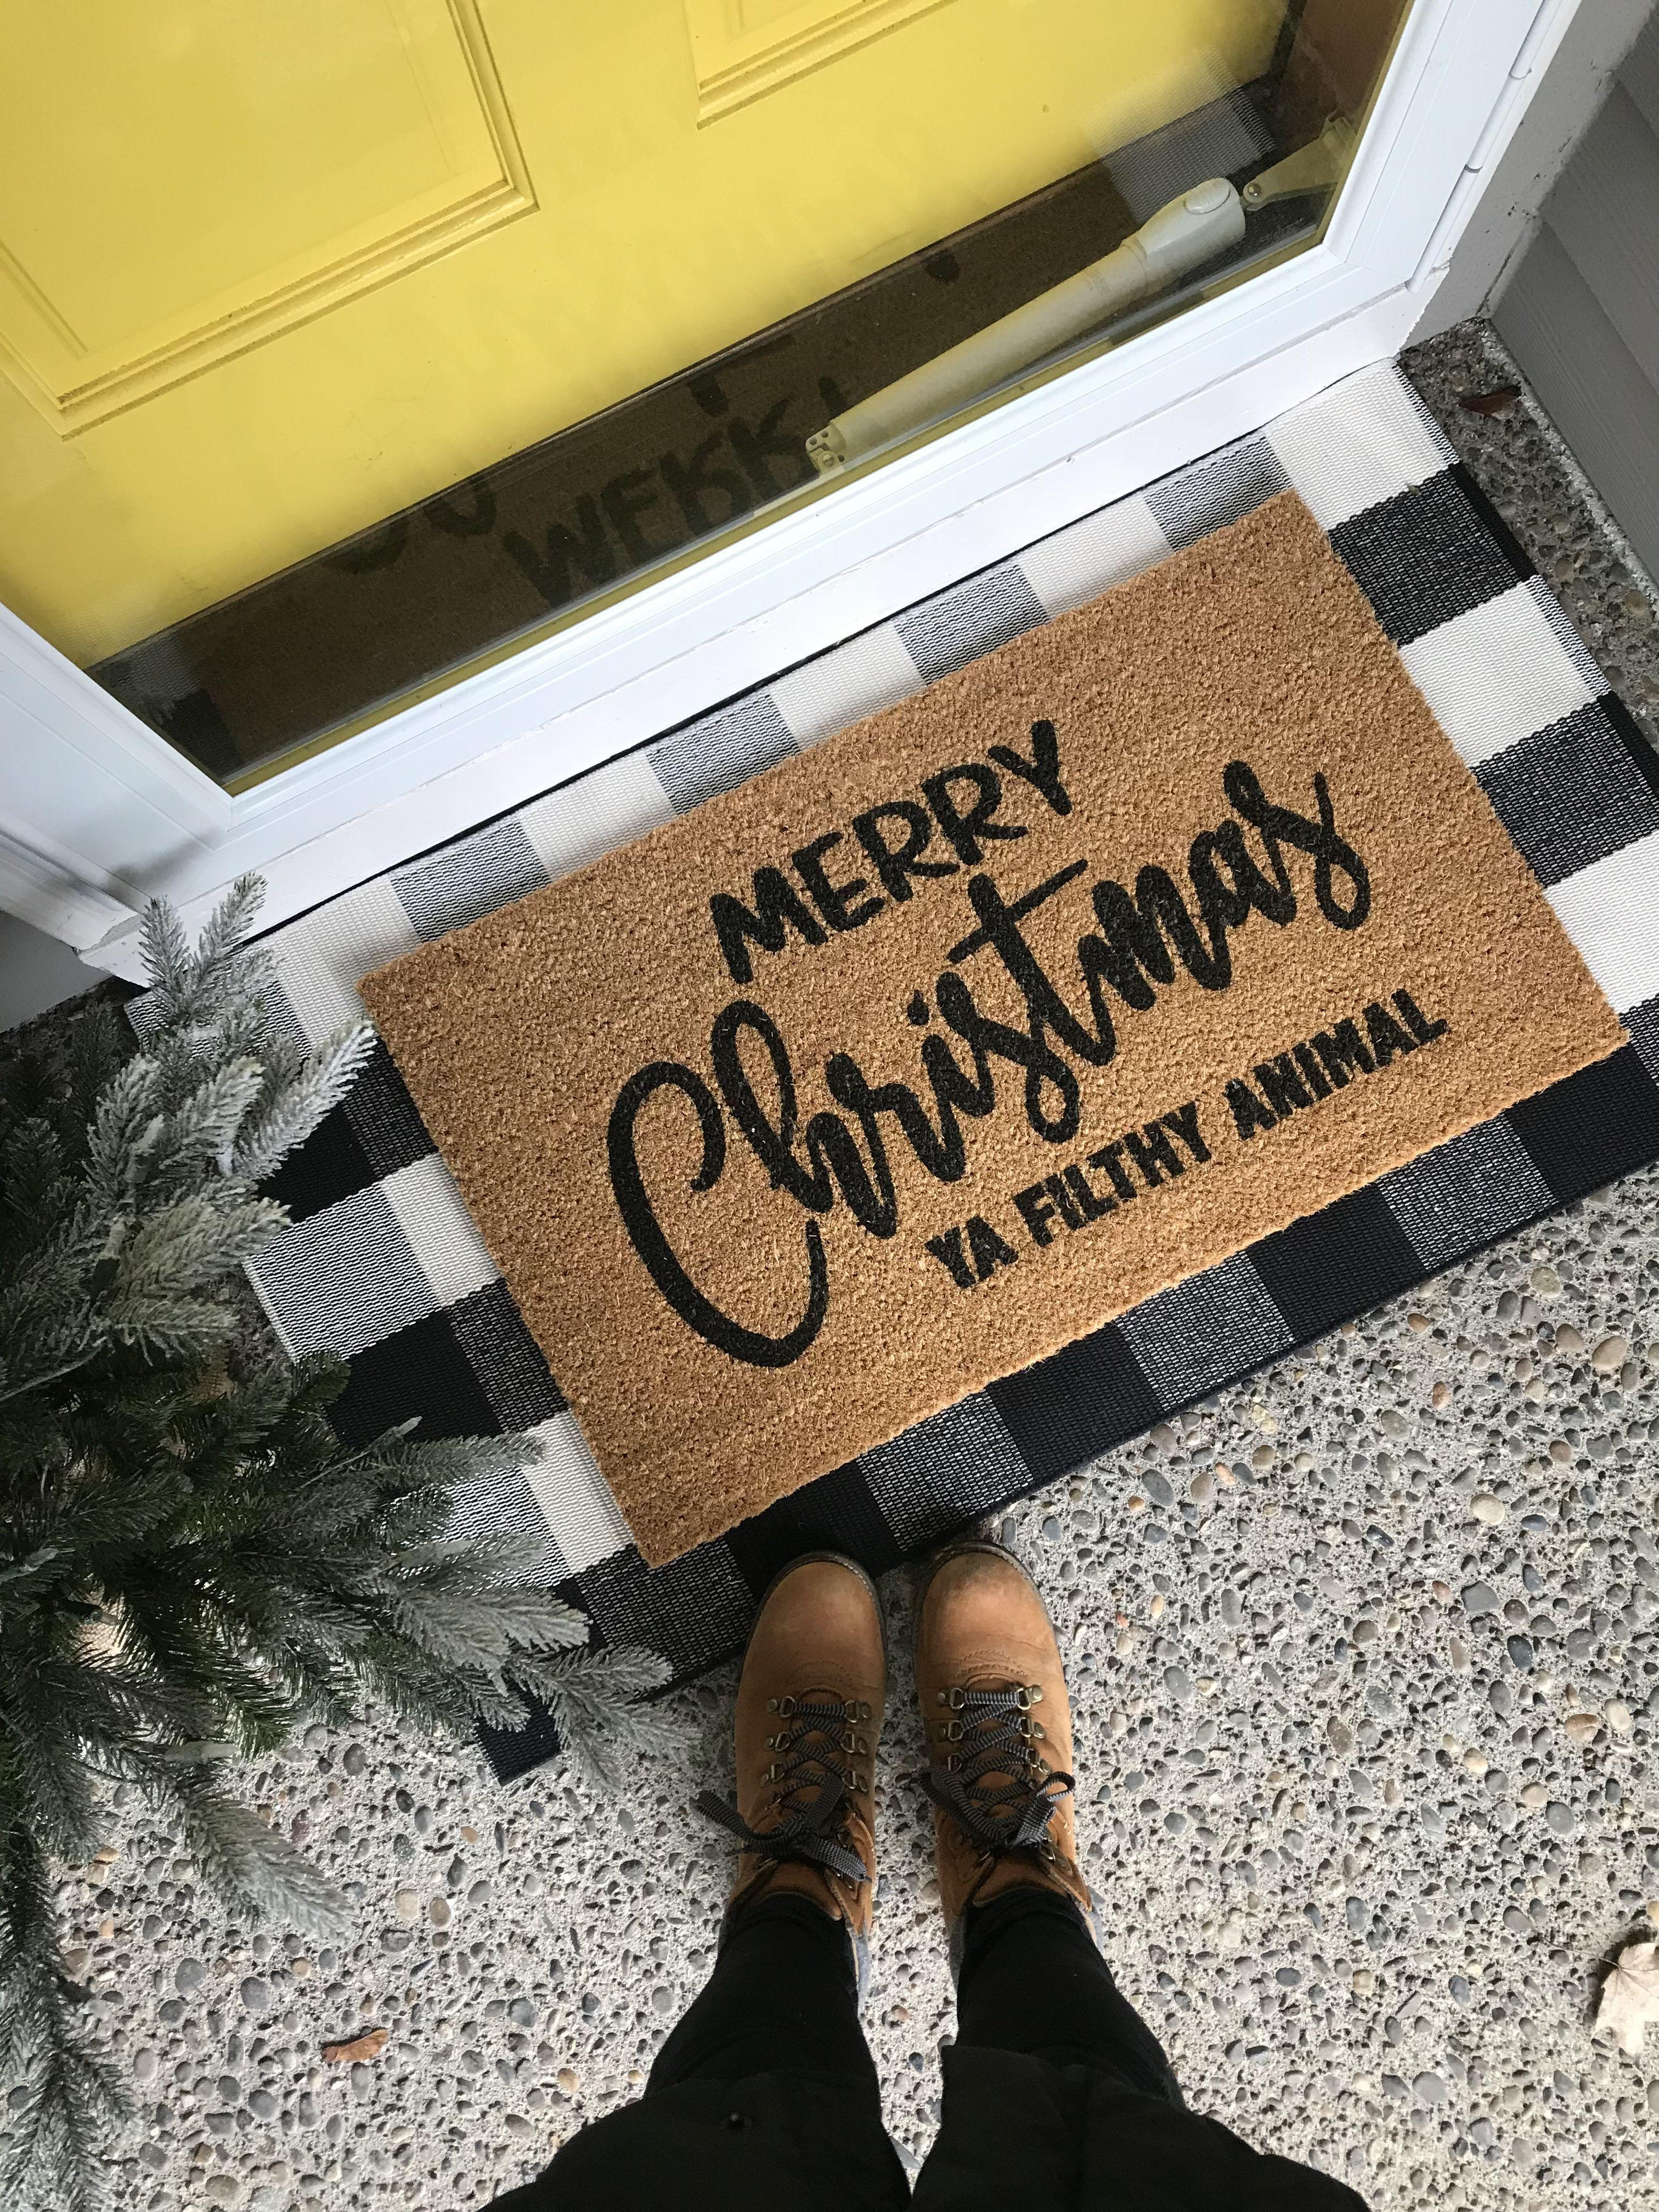 Charisma S Door Mats Interiordesignlivingroom Interiordesignideas Interiordesignkitchen Interiordesign Inter Christmas Doormat Door Mat Diy Cozy Christmas